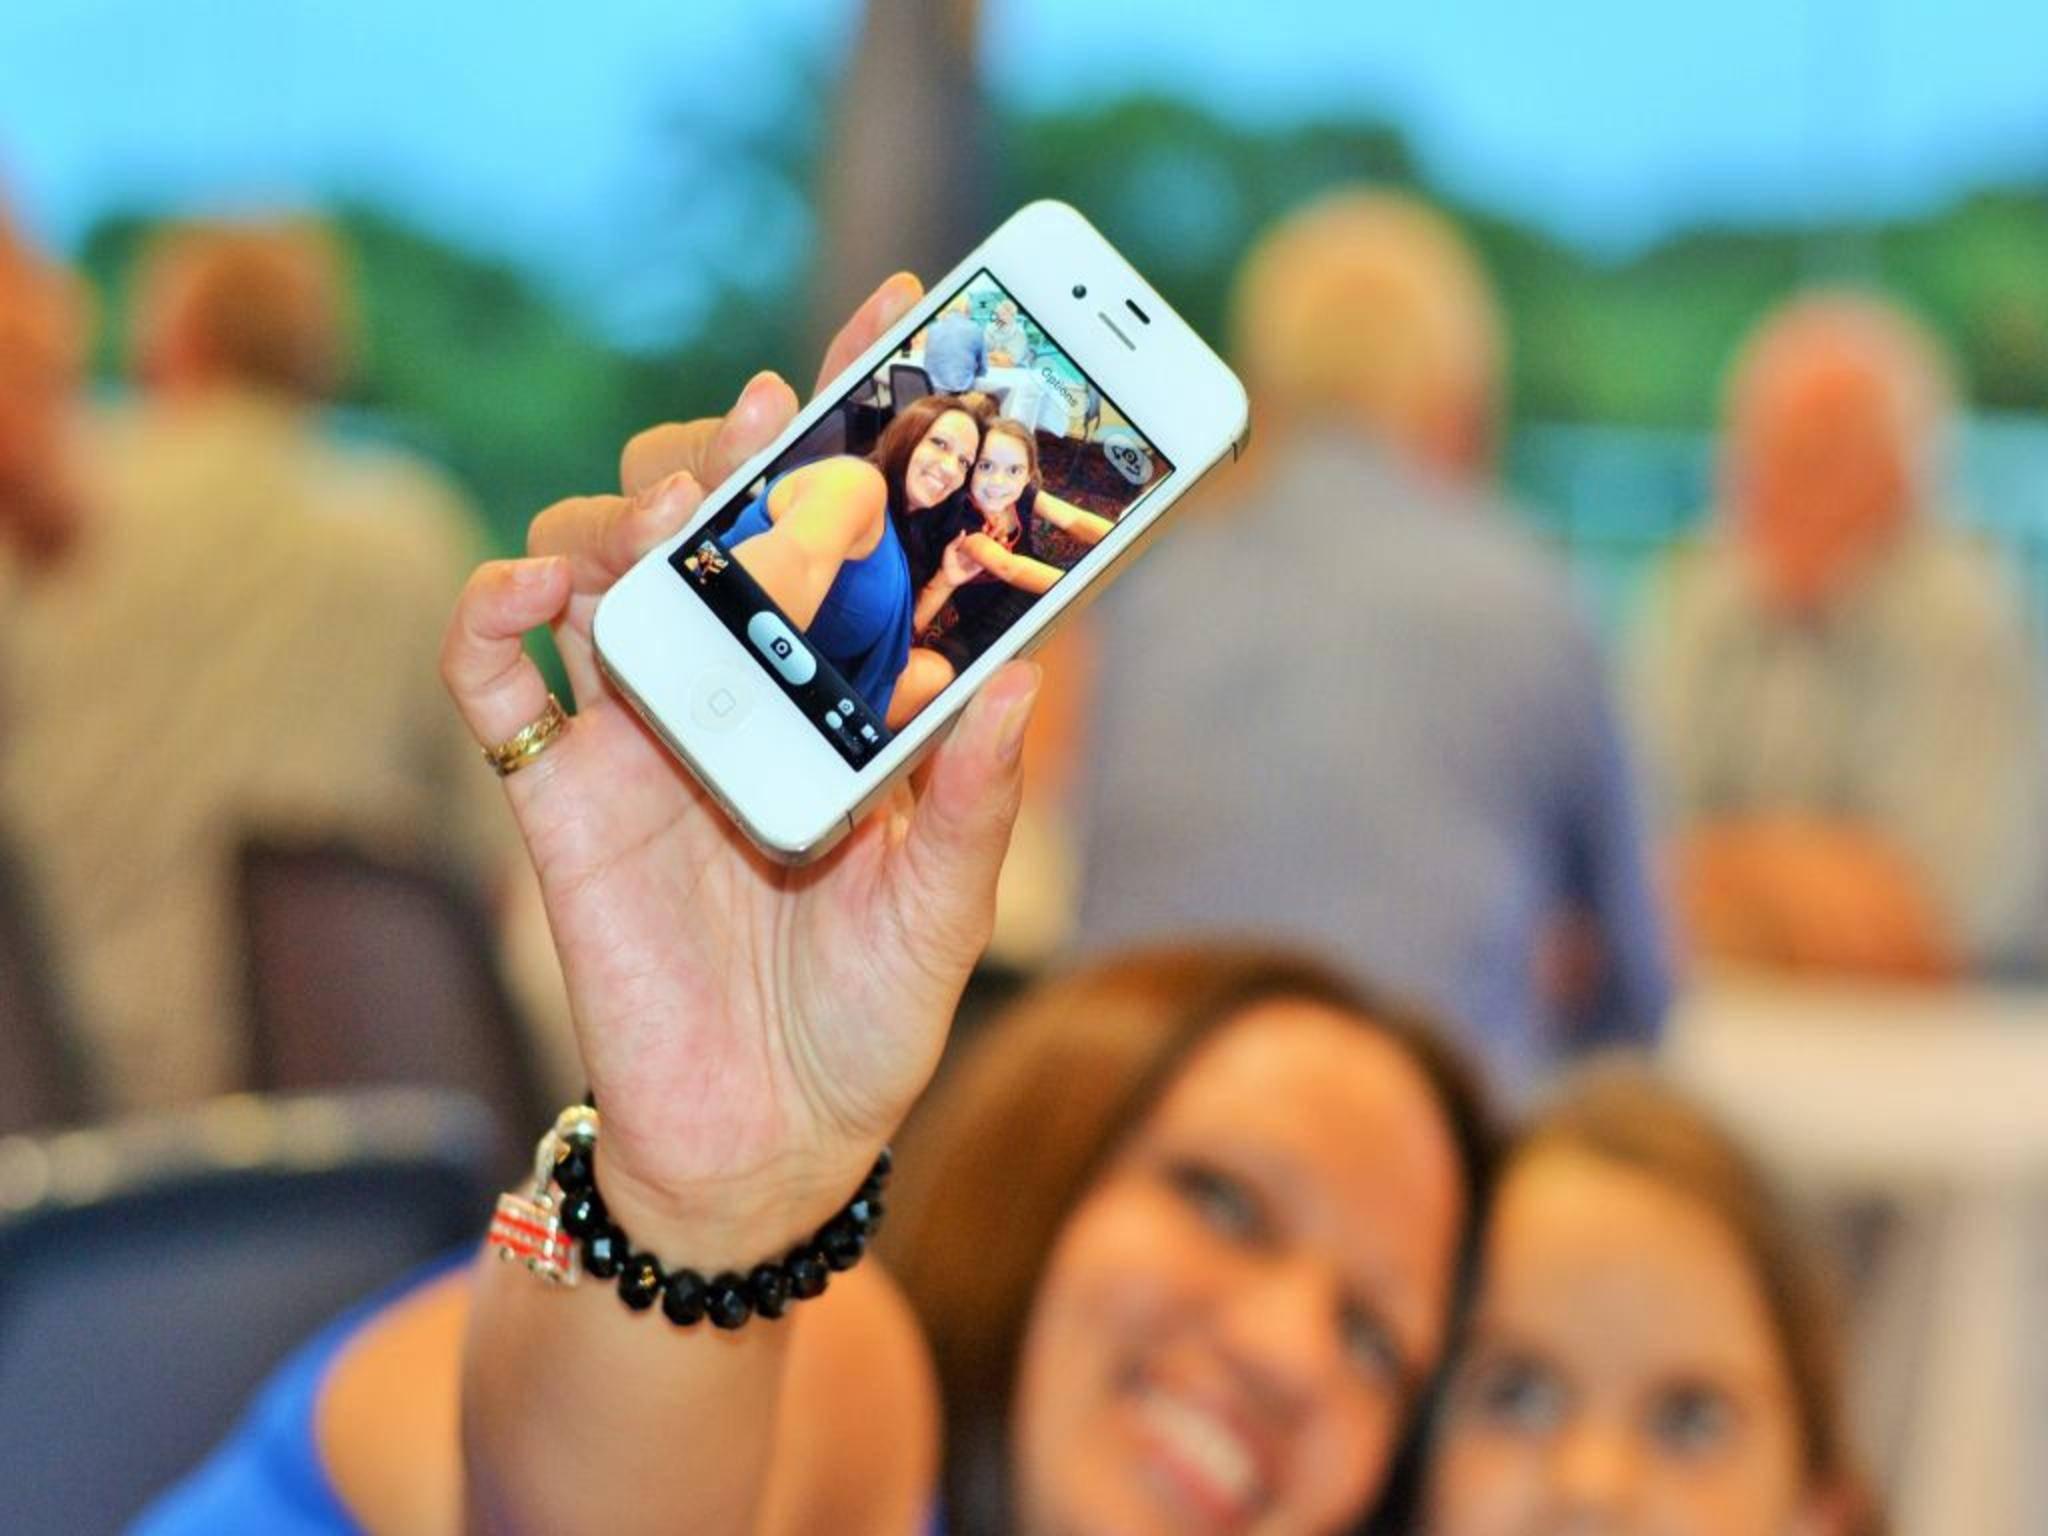 Viele Hersteller bieten inzwischen spezielle Selfie-Smartphones an.